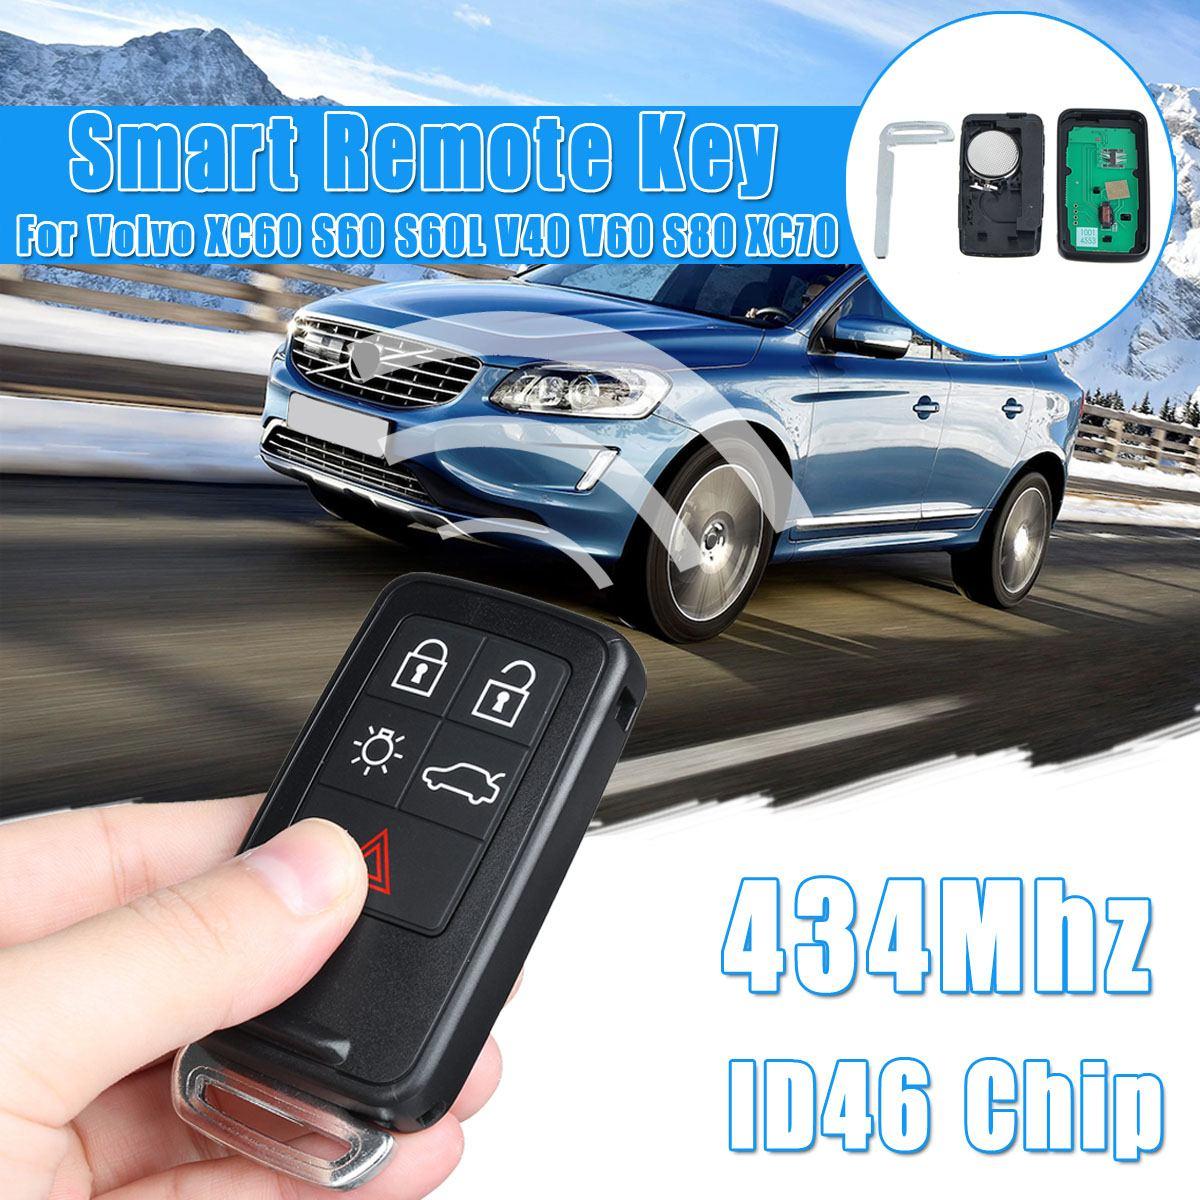 434Mhz clé à distance intelligente 5 boutons avec ID46 puce voiture télécommande porte verrouillage pour Volvo XC60 S60 S60L V40 V60 S80 XC70